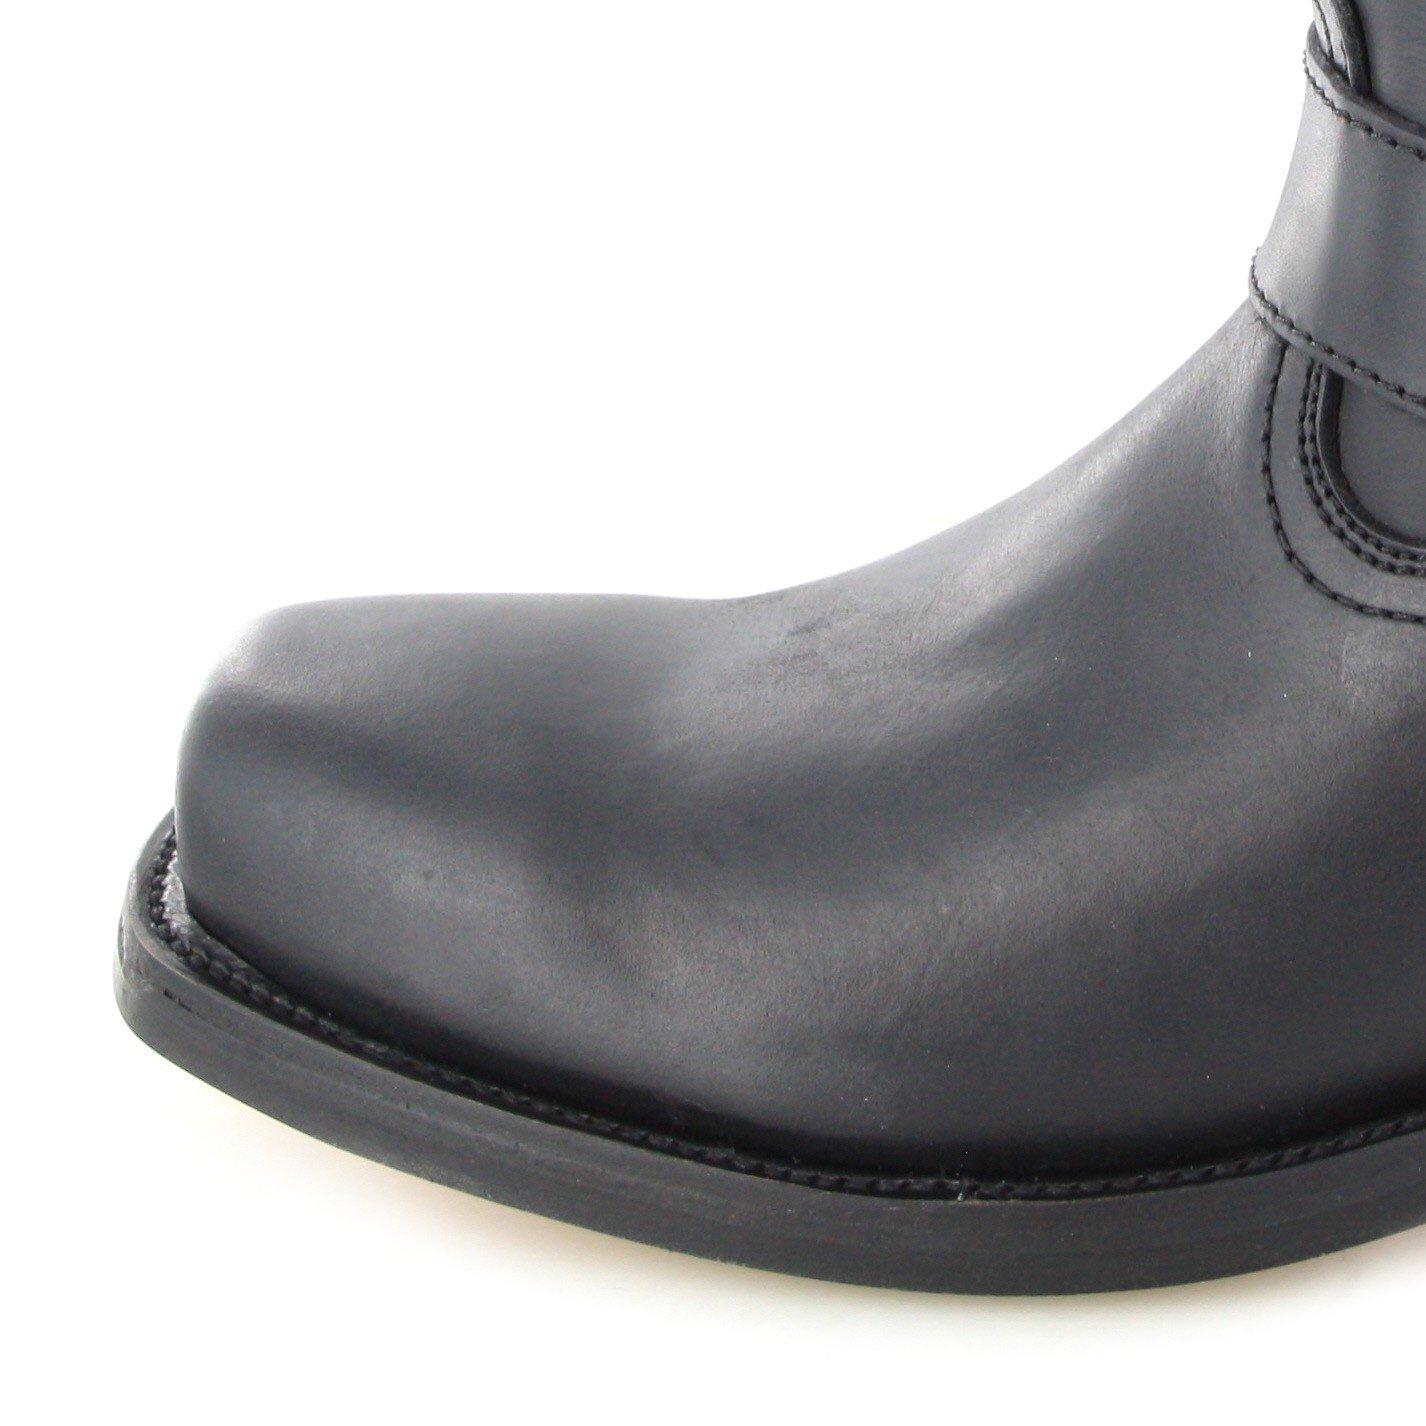 FB Fashion Boots Buffalo Boots 1801 Black Bikerstiefel Schwarz für Damen und Herren Schwarz Bikerstiefel Lederstiefel Black 61de39